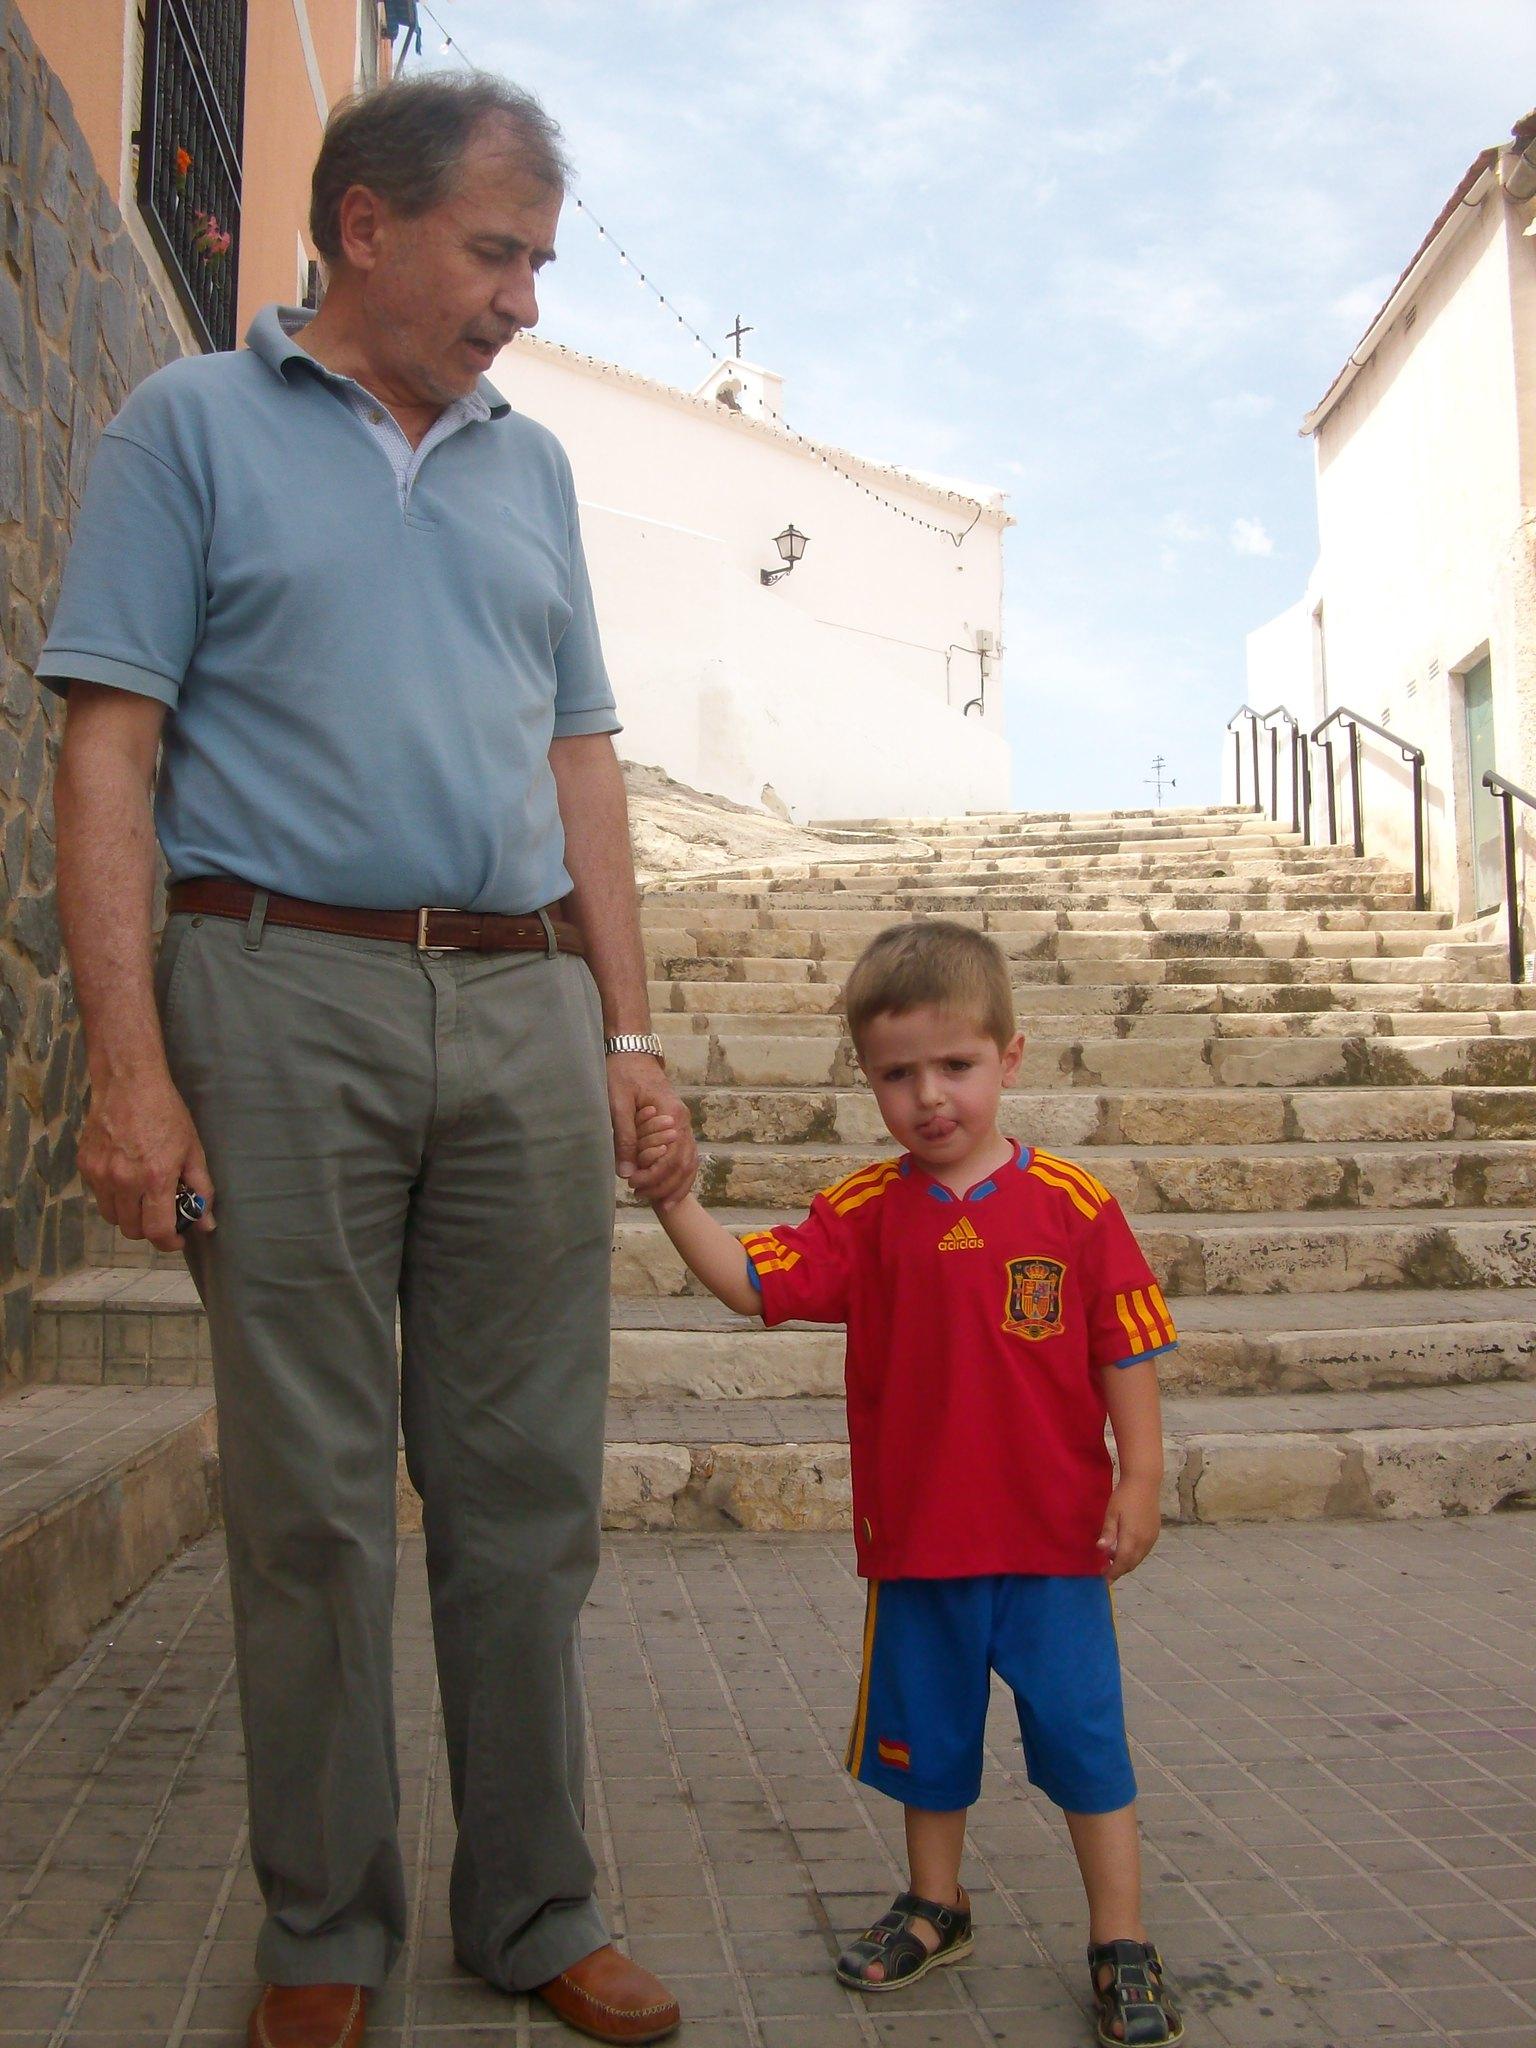 (2010-07-04) - Pasacalle Gent de Nanos - José Vicente Romero Ripoll -  (25)